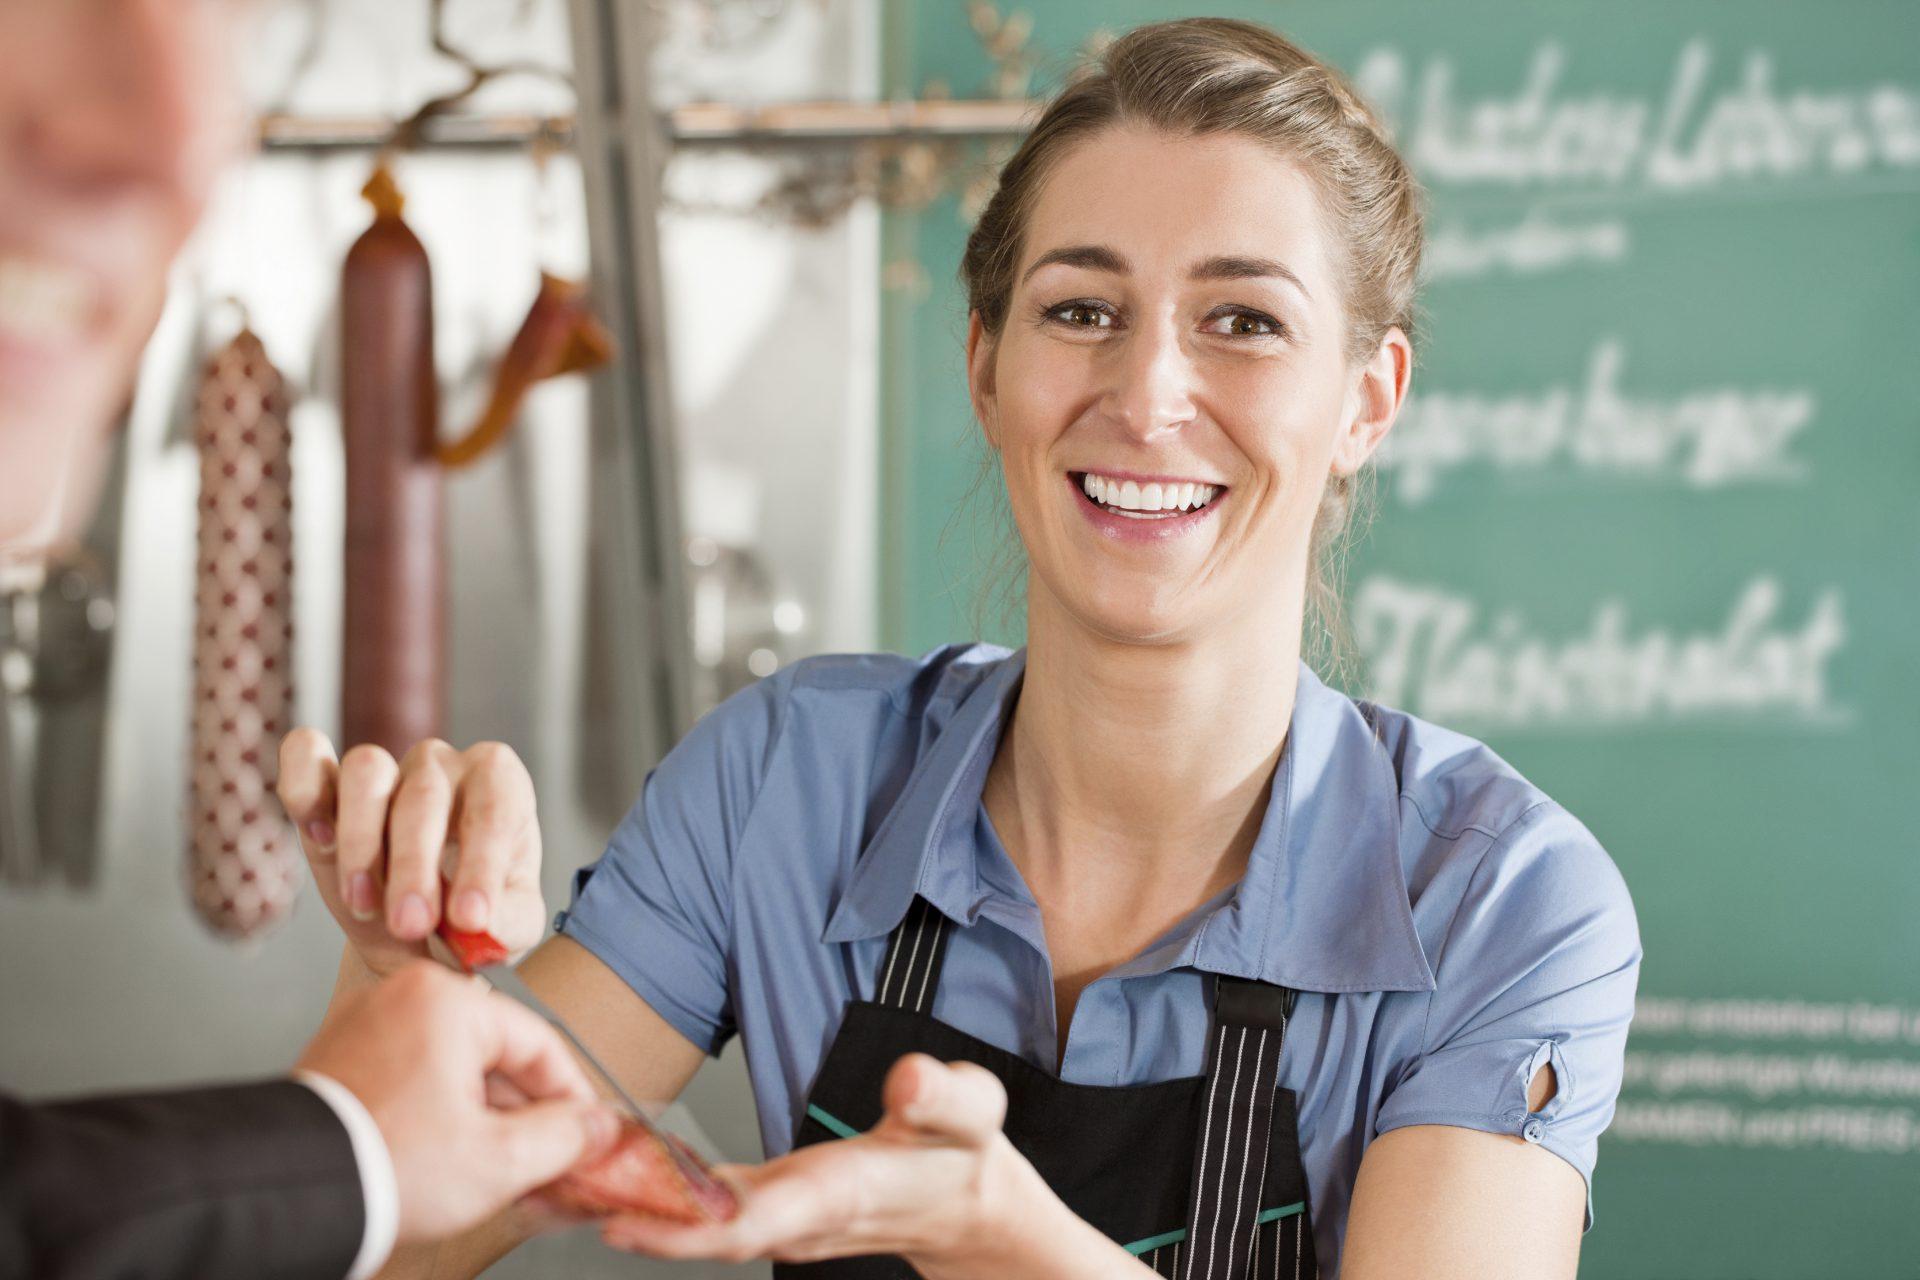 Junge Fachverkäuferin für Fleisch- und Wurstwaren bedient einen Kunden